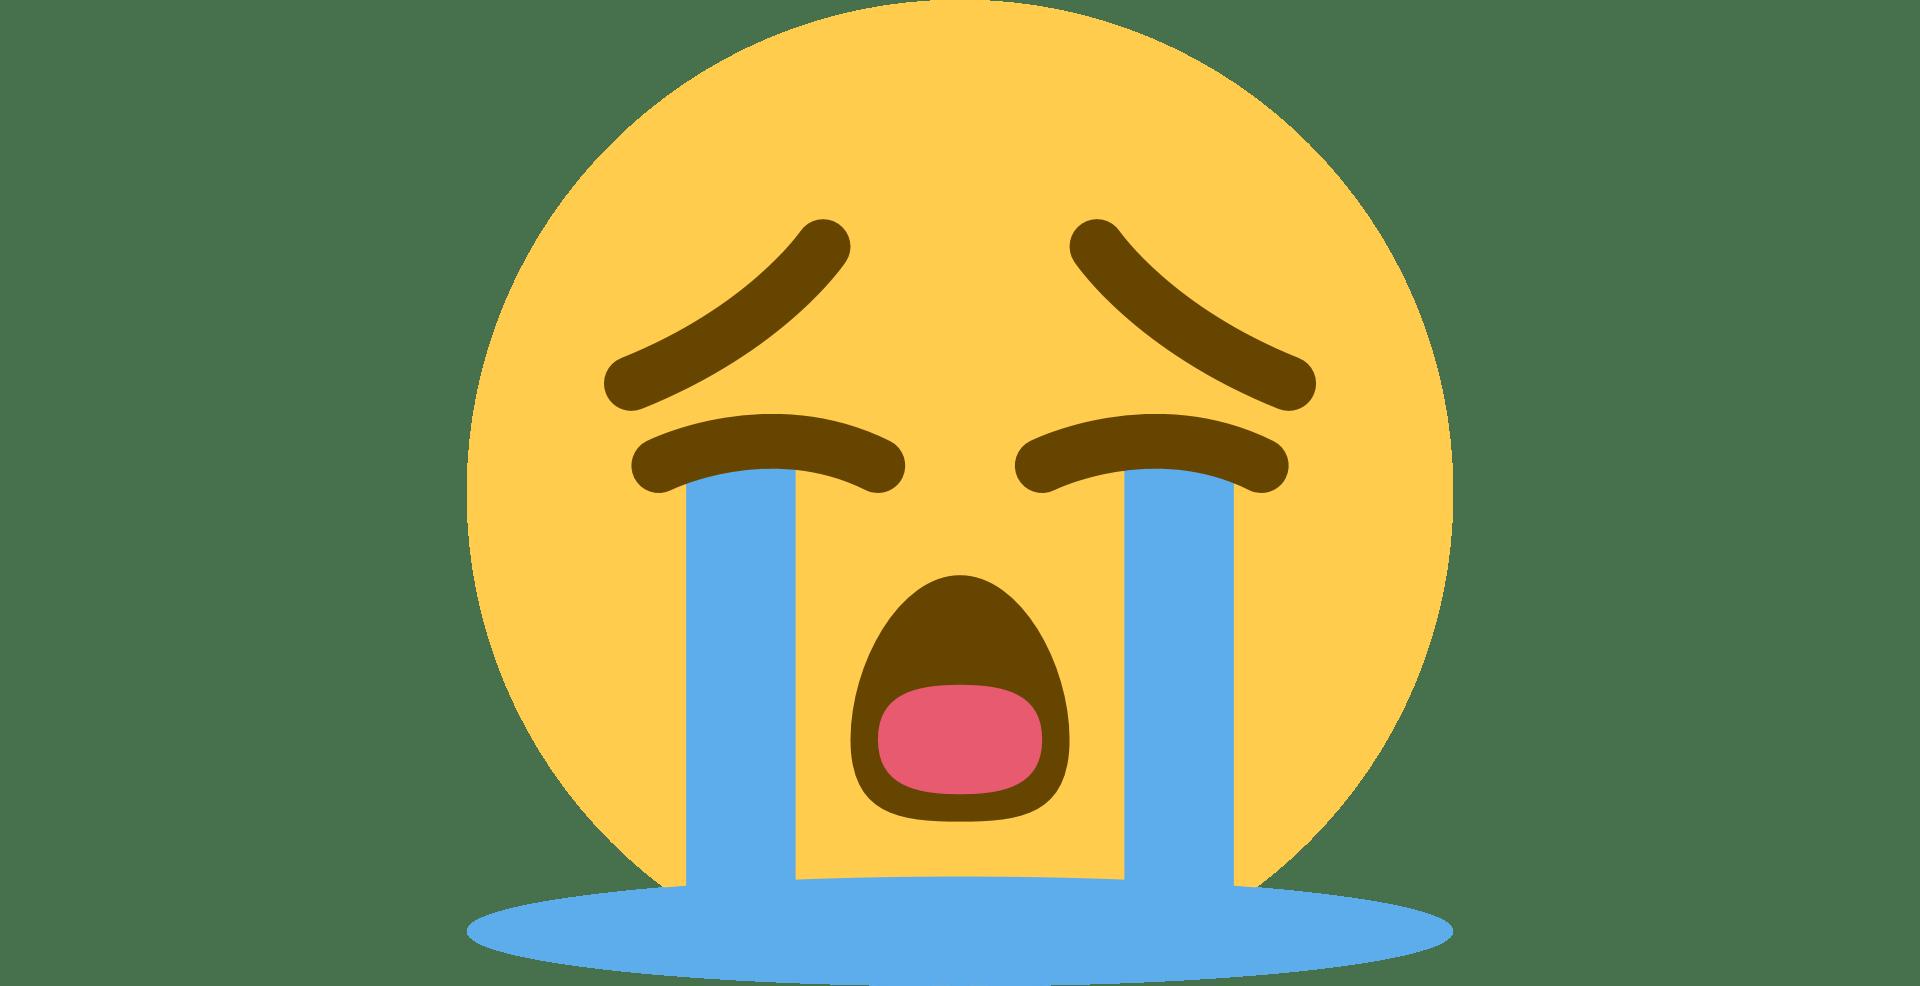 全球最愛使用的Emoji符號是?《表情符號電影》揭露手機表情包裡的符號神秘生活